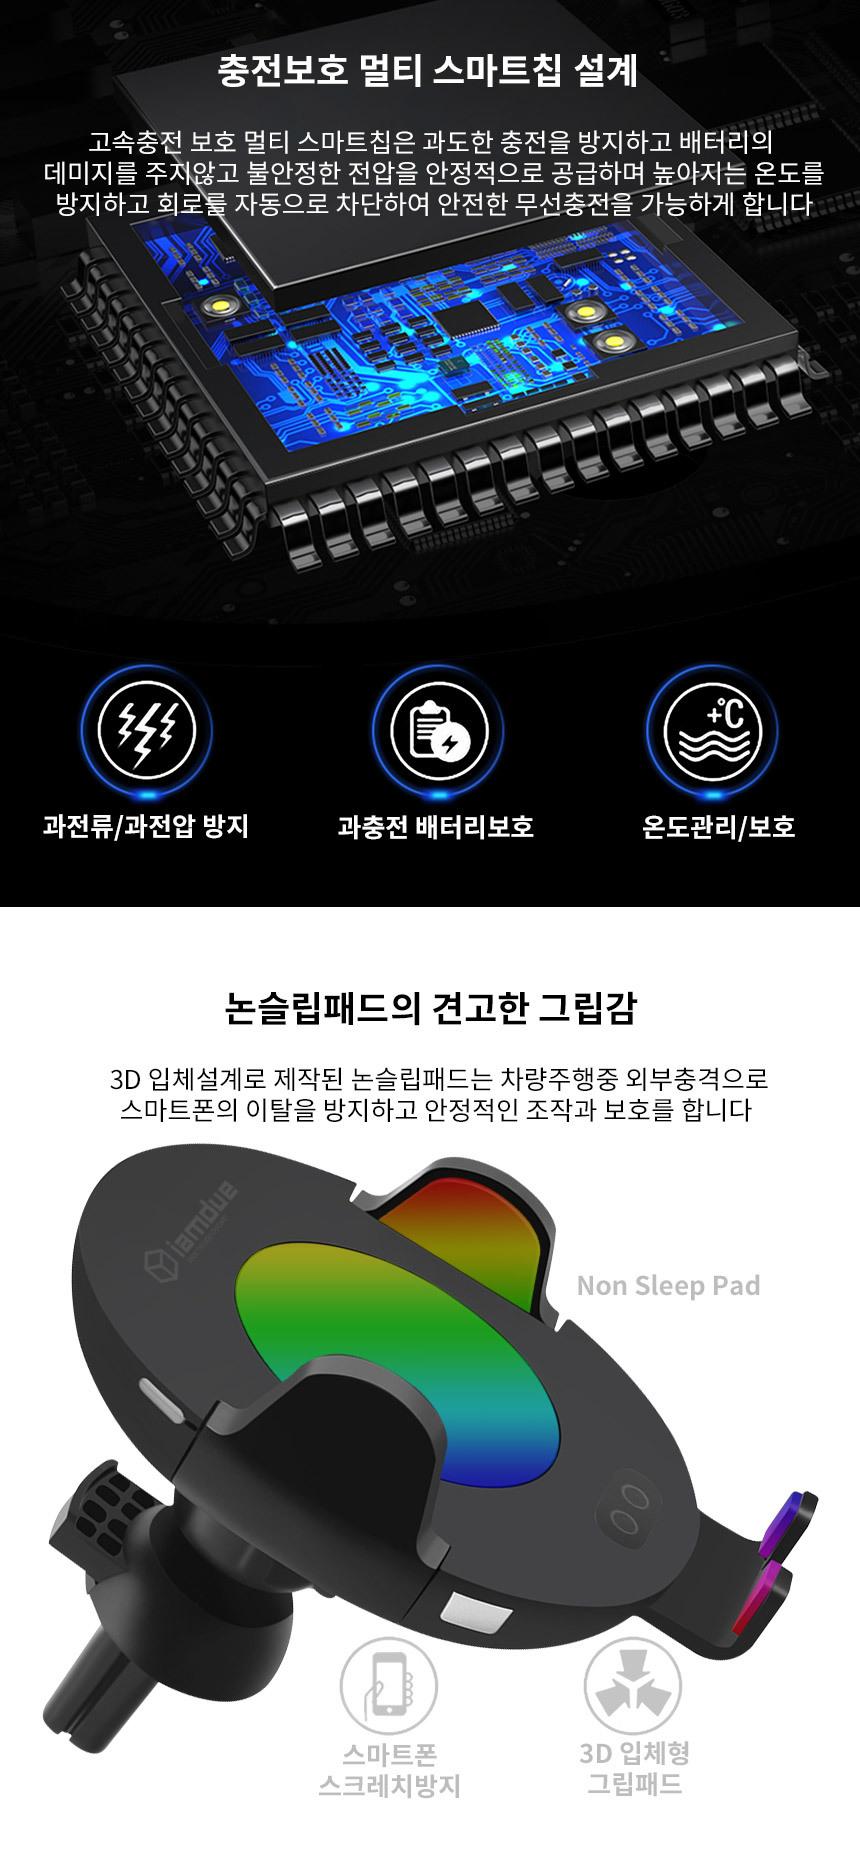 차량용 무선충전 거치대 충전기 자동 슬라이드 주피터C11 - 아이엠듀, 37,700원, 충전기, 무선충전기/패치